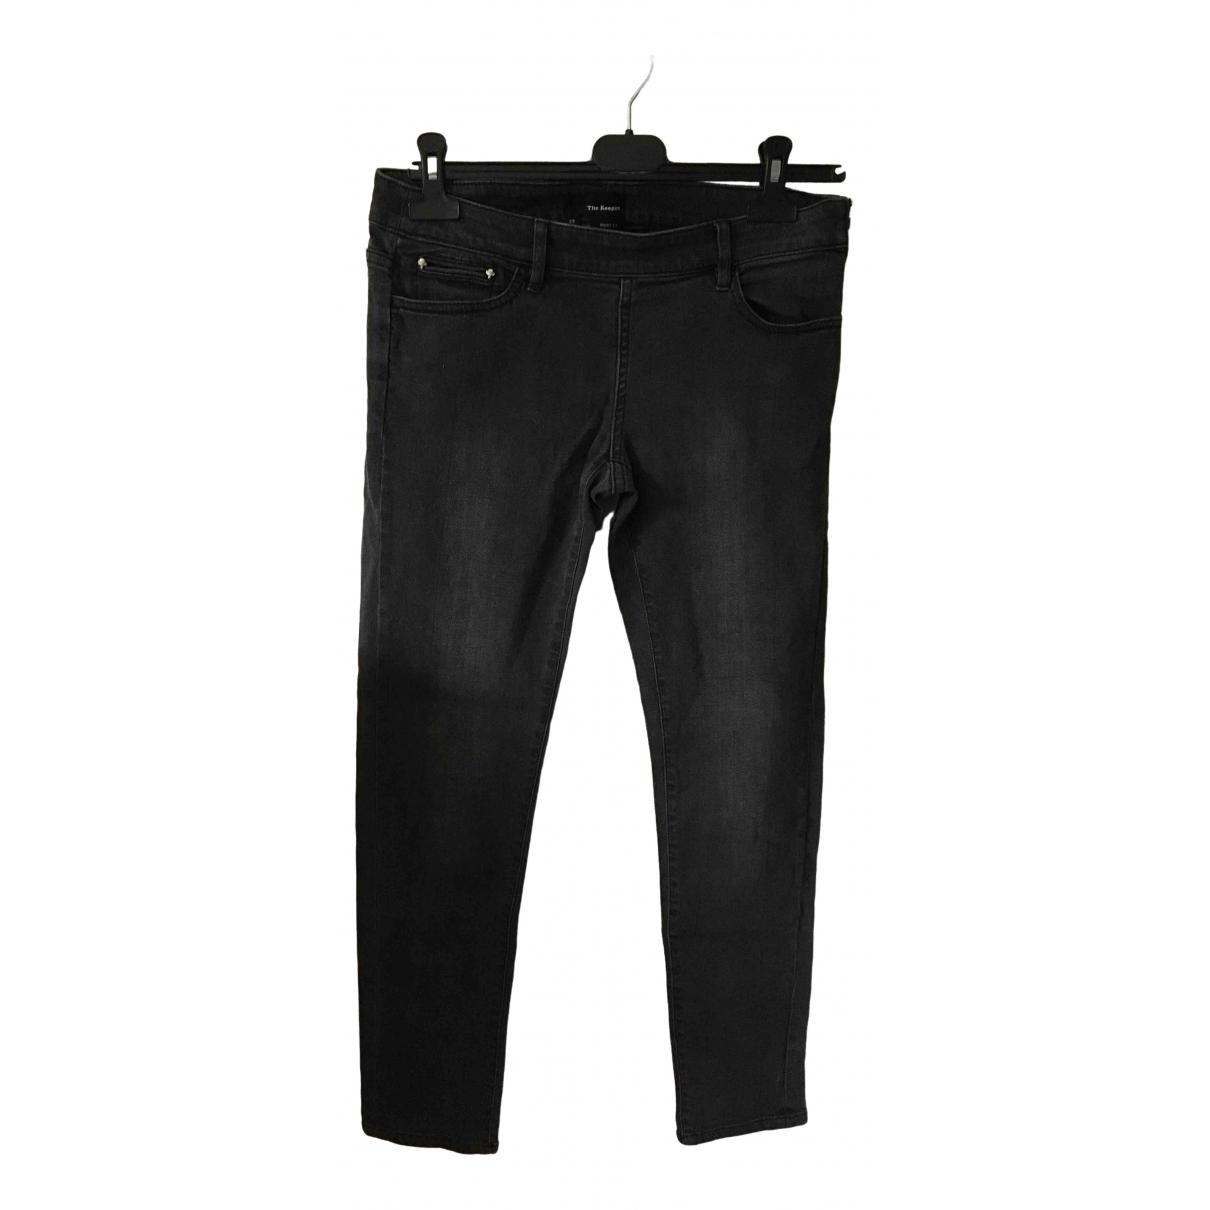 Pantalon corto de Lona The Kooples